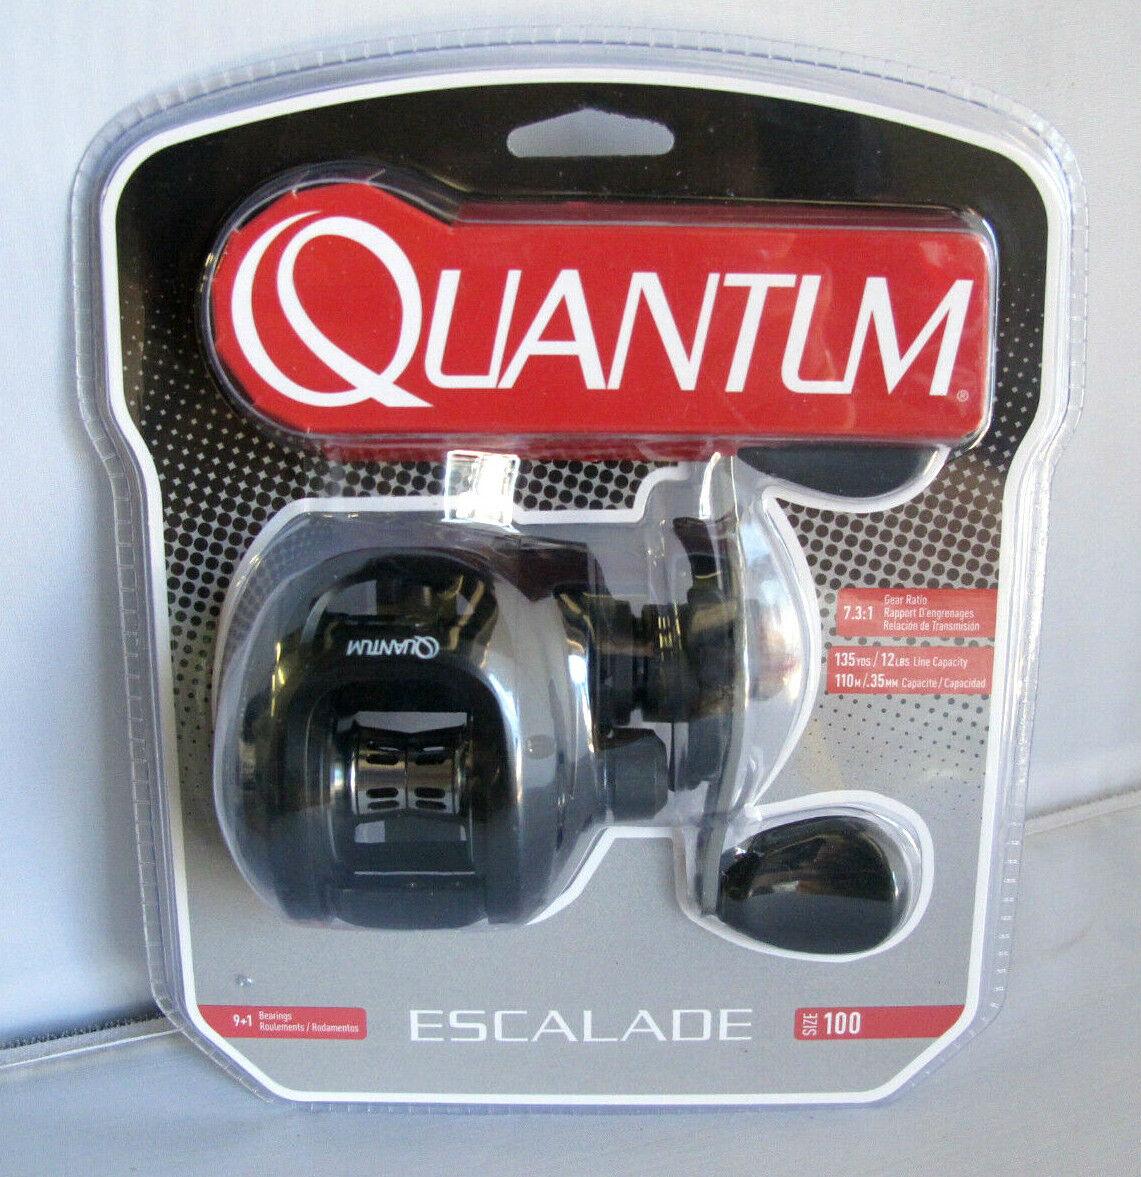 Quantum  ESC100HE Escalade diestros Baitcasting Reel  ofrecemos varias marcas famosas